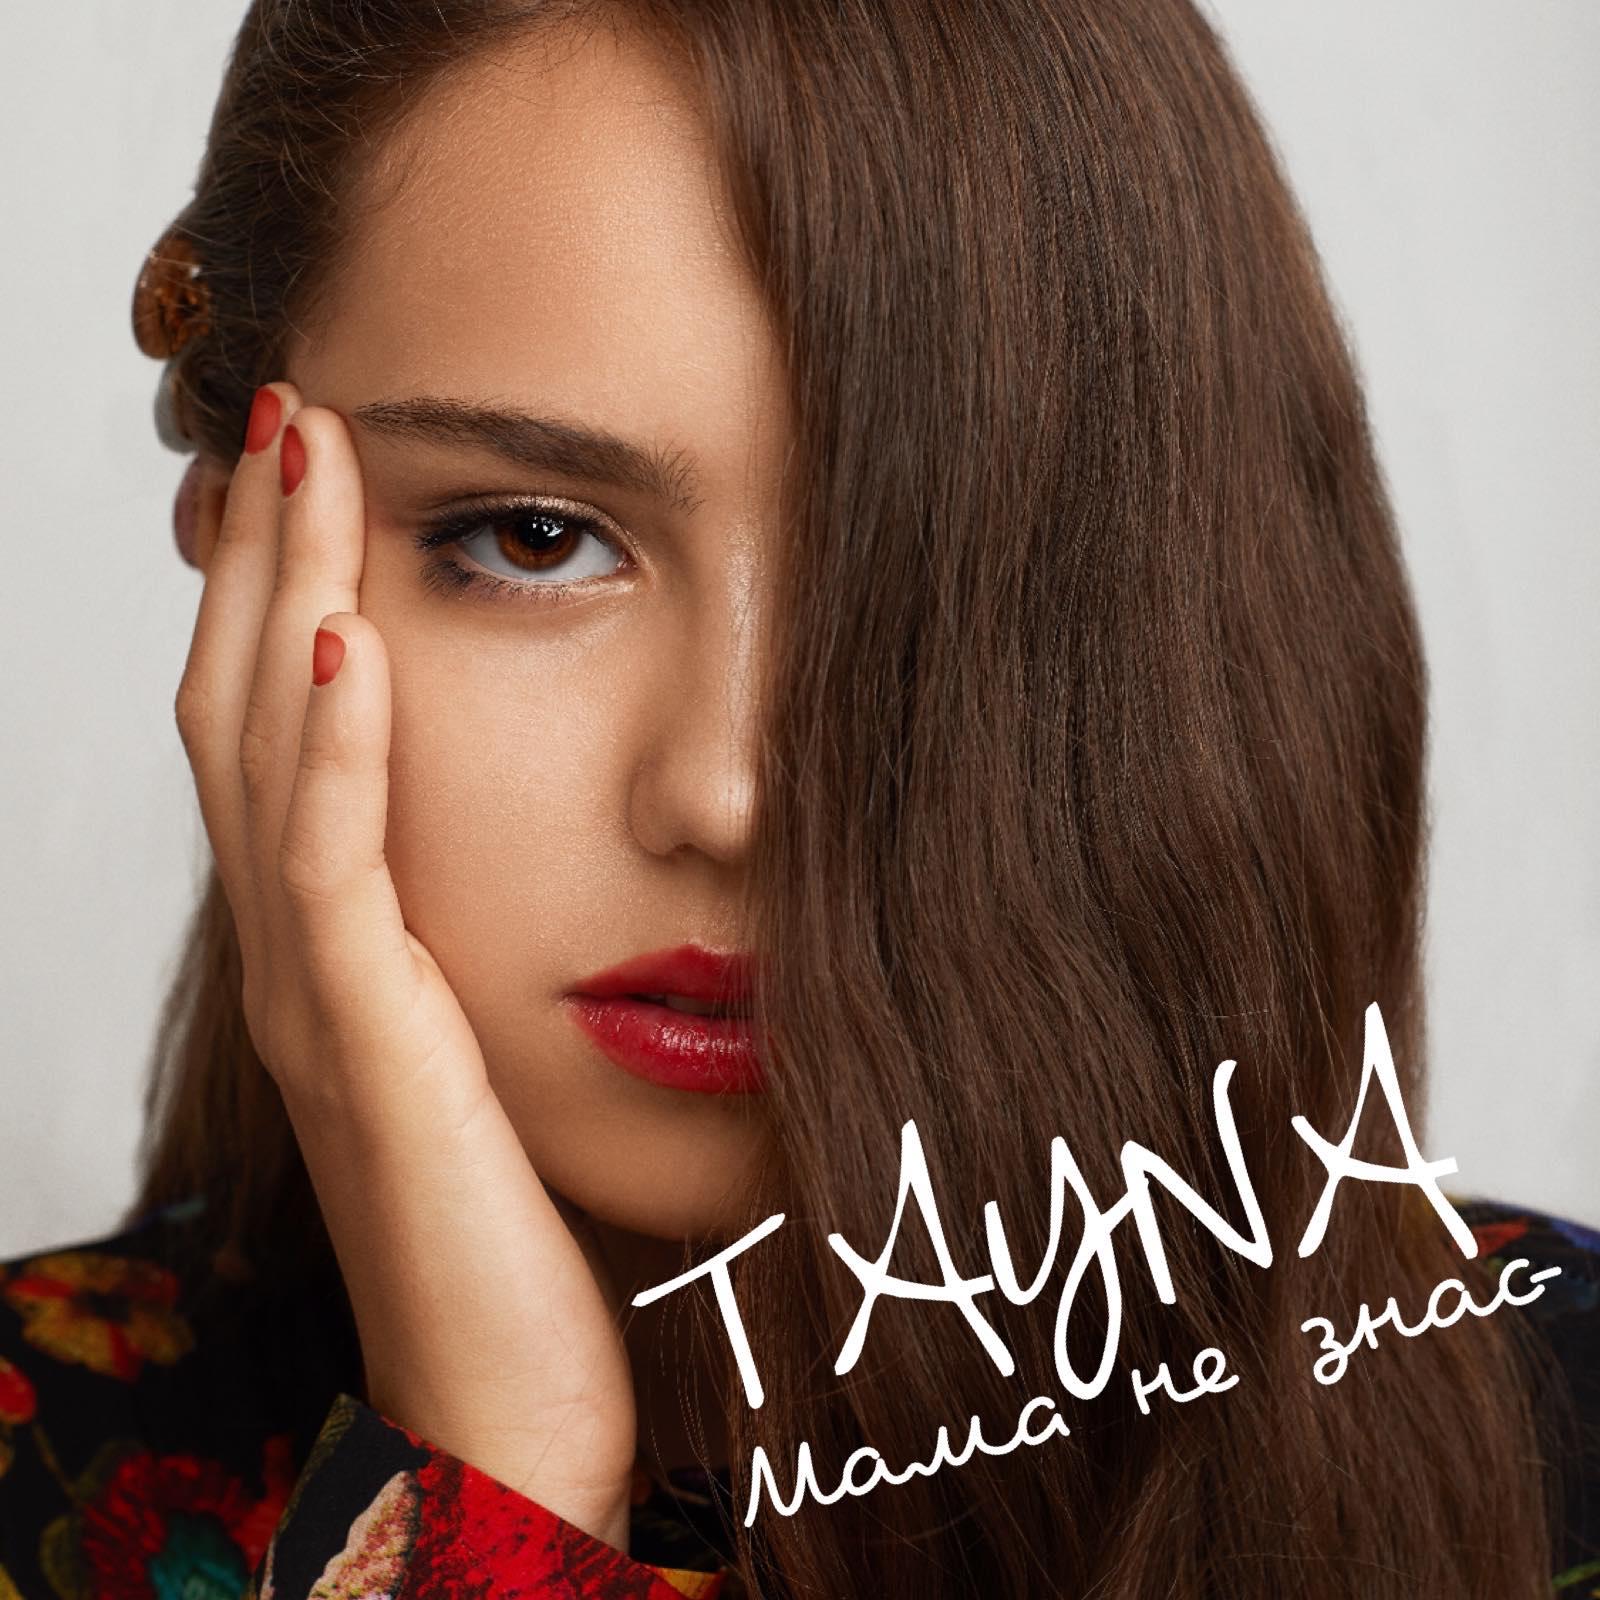 Франківська співачка TAYNA розповіла про зйомки нового кліпу (ВІДЕО)